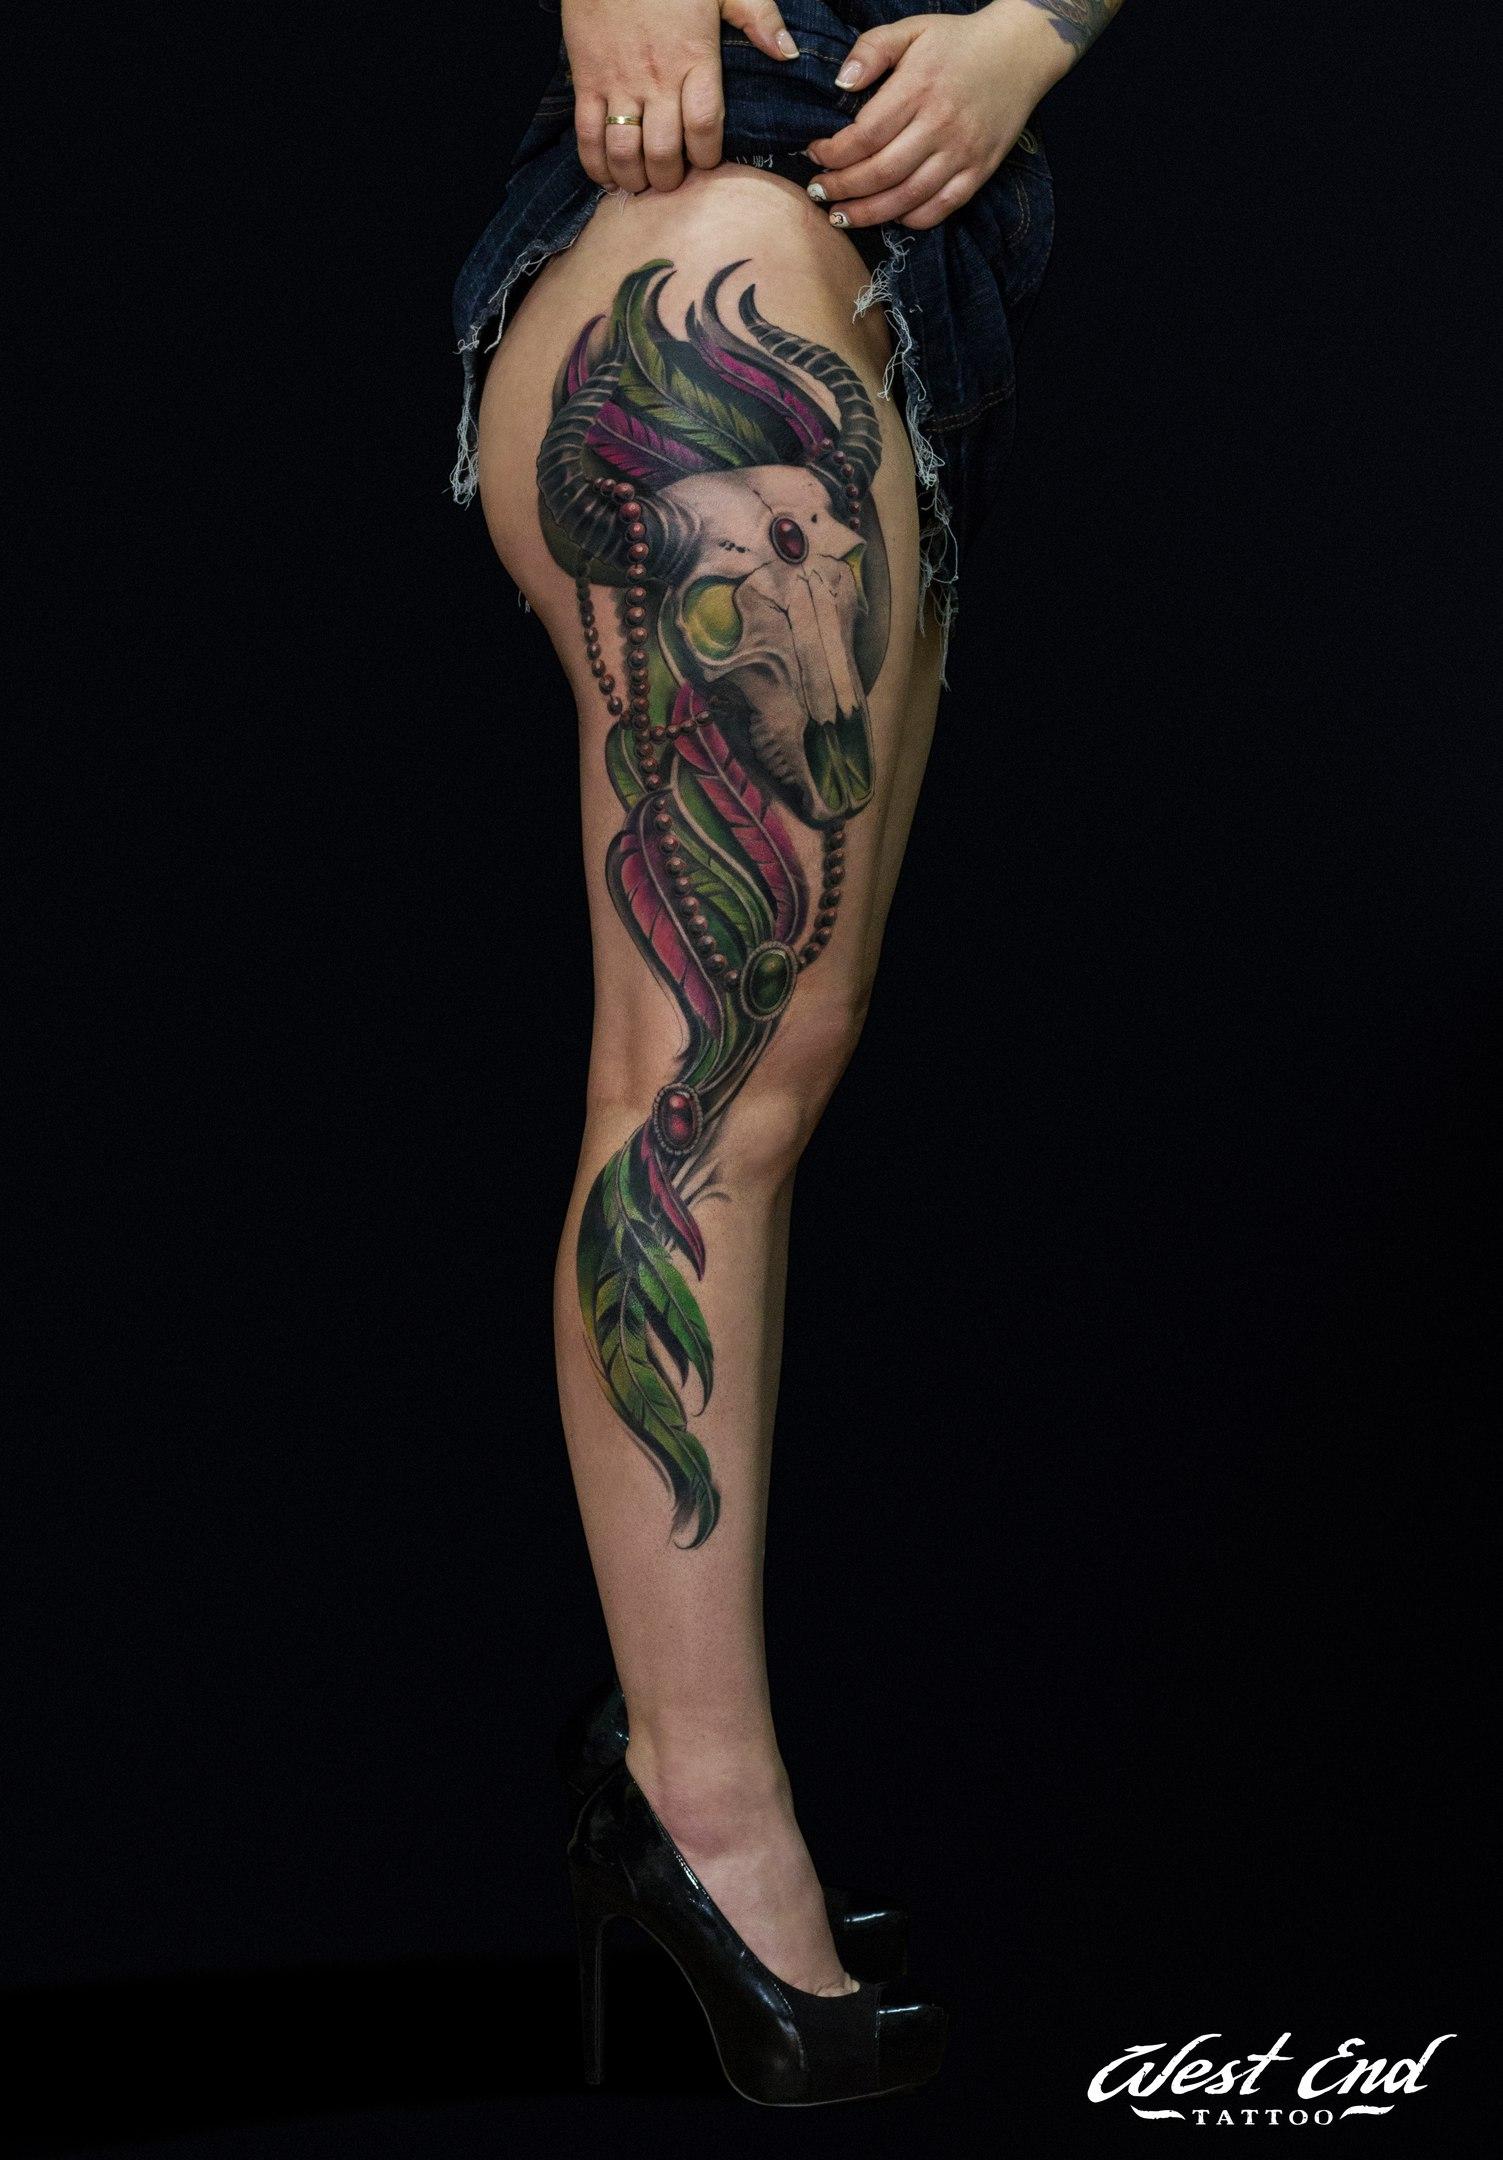 Тату женская реализм на ноге бедро череп цветная